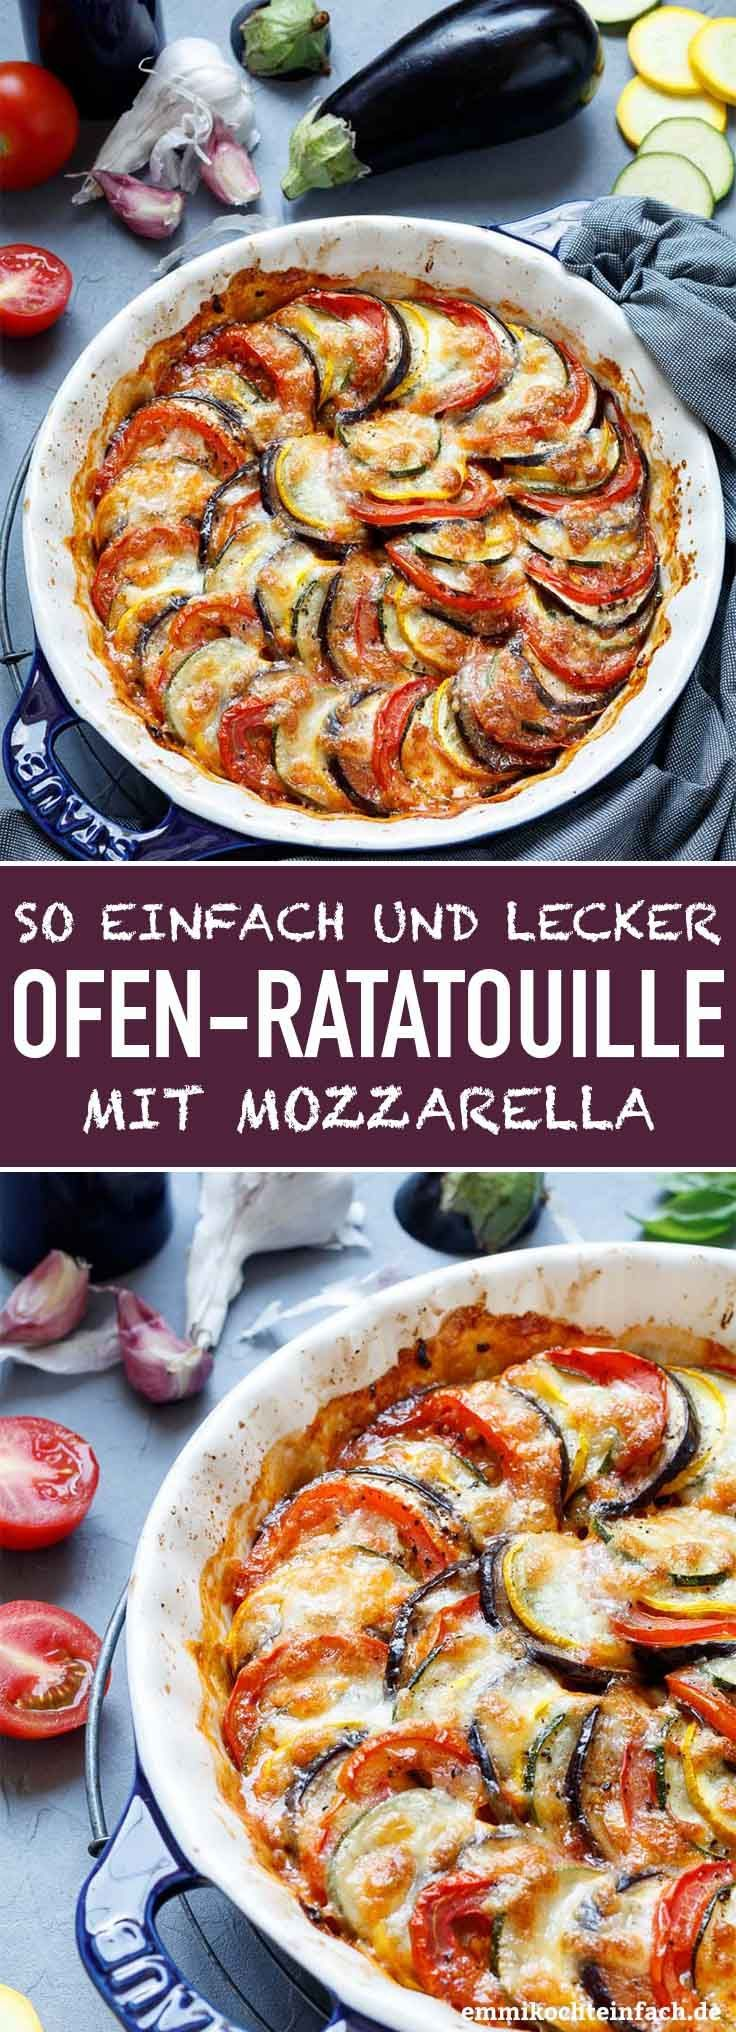 Ratatouille Aus Dem Ofen Mit Mozzarella Rezept Gäste Rezepte